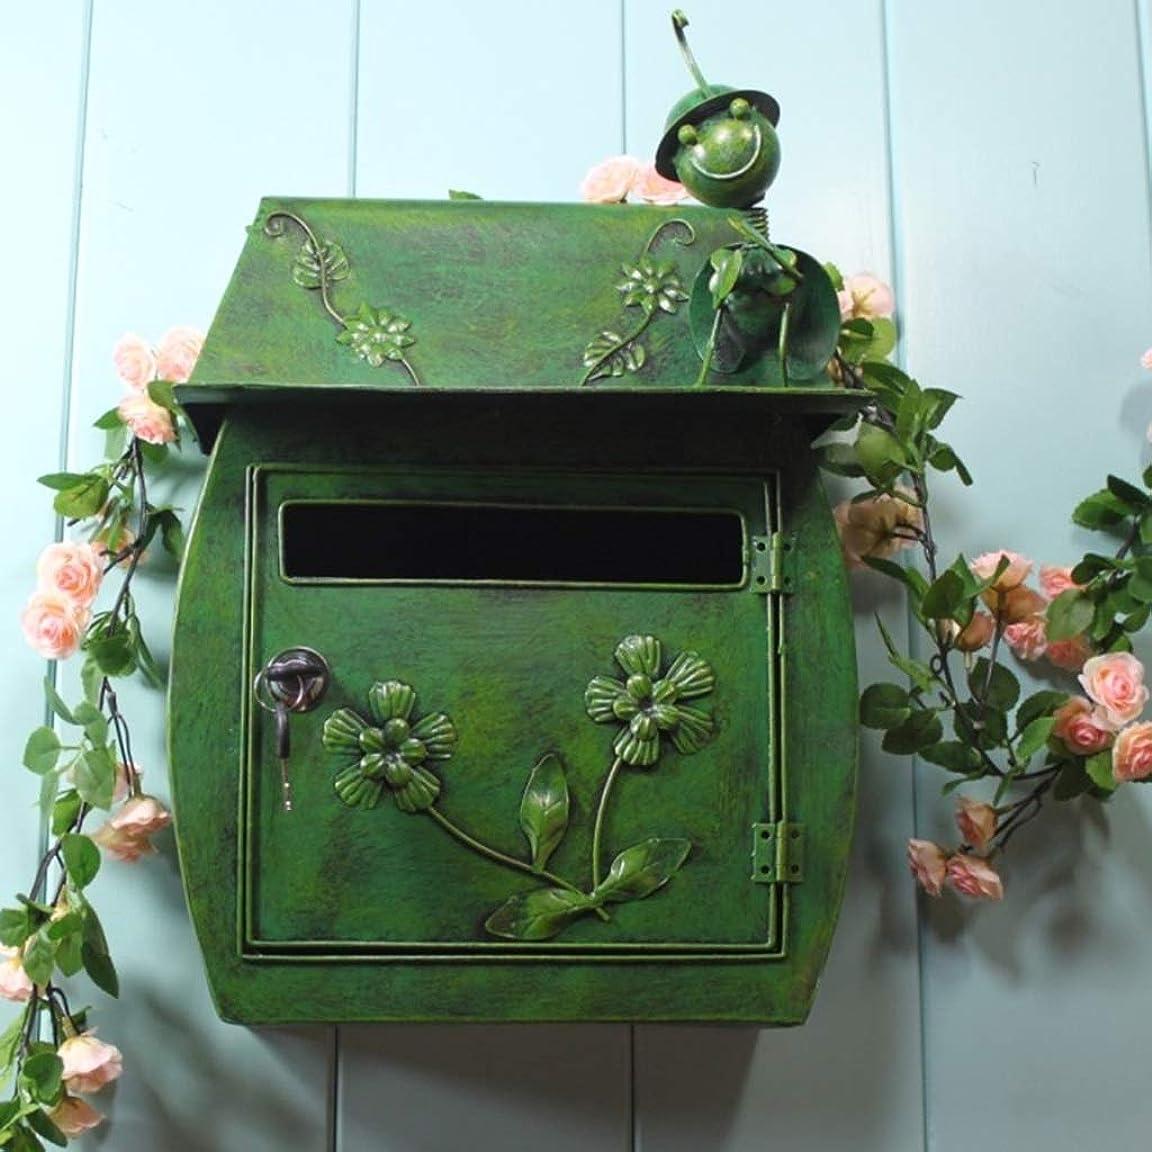 創傷乗って複雑PLL ヨーロッパスタイルのレターボックス牧歌的なスタイルレトロ壁掛けレターボックス防水屋外のメールボックス